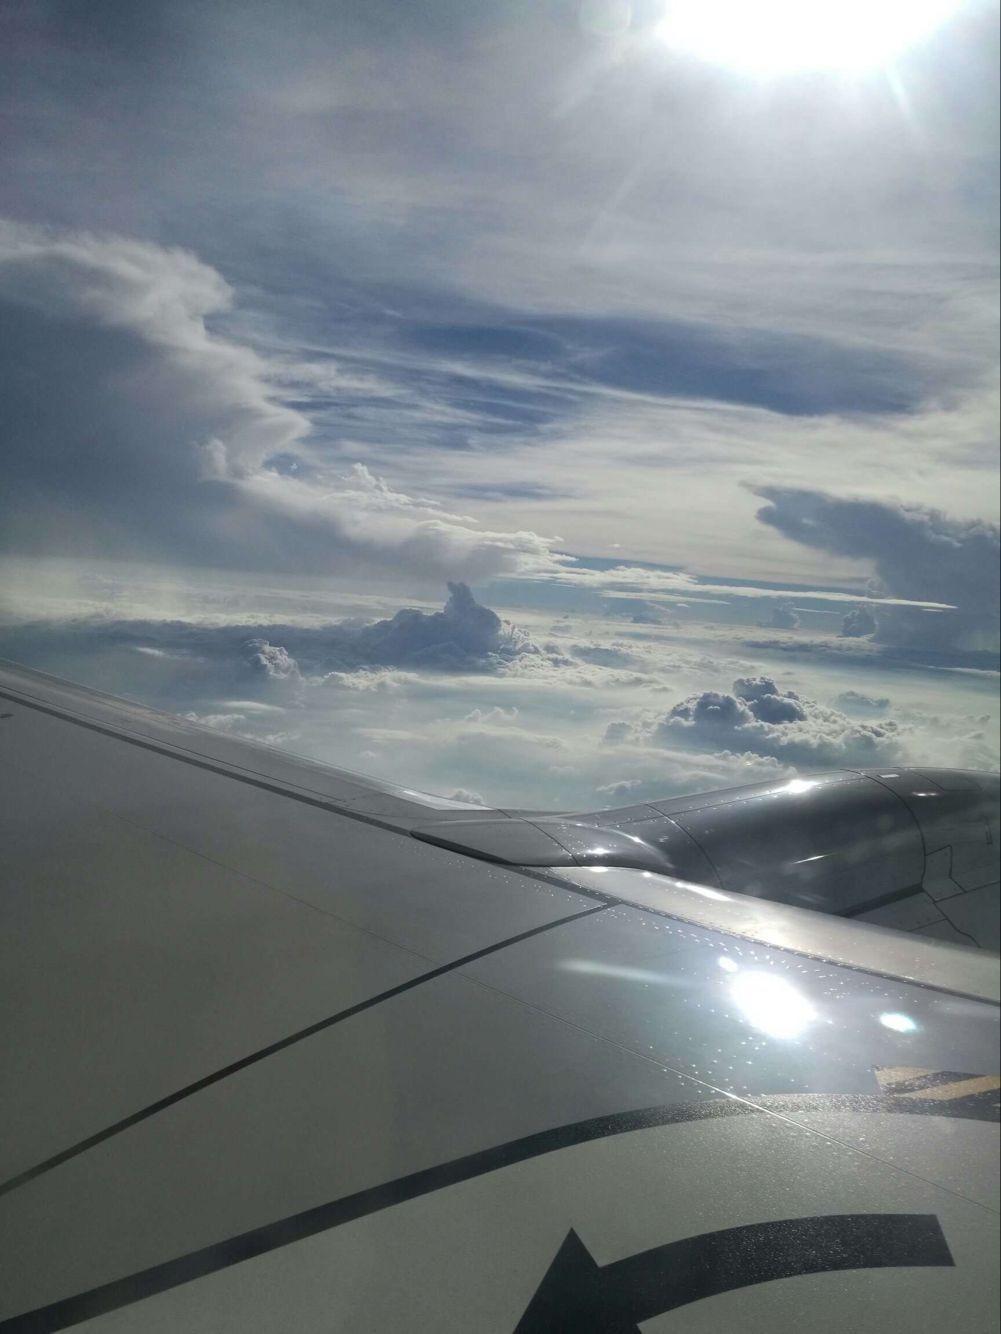 老妈在飞机上拍的蓝天白云